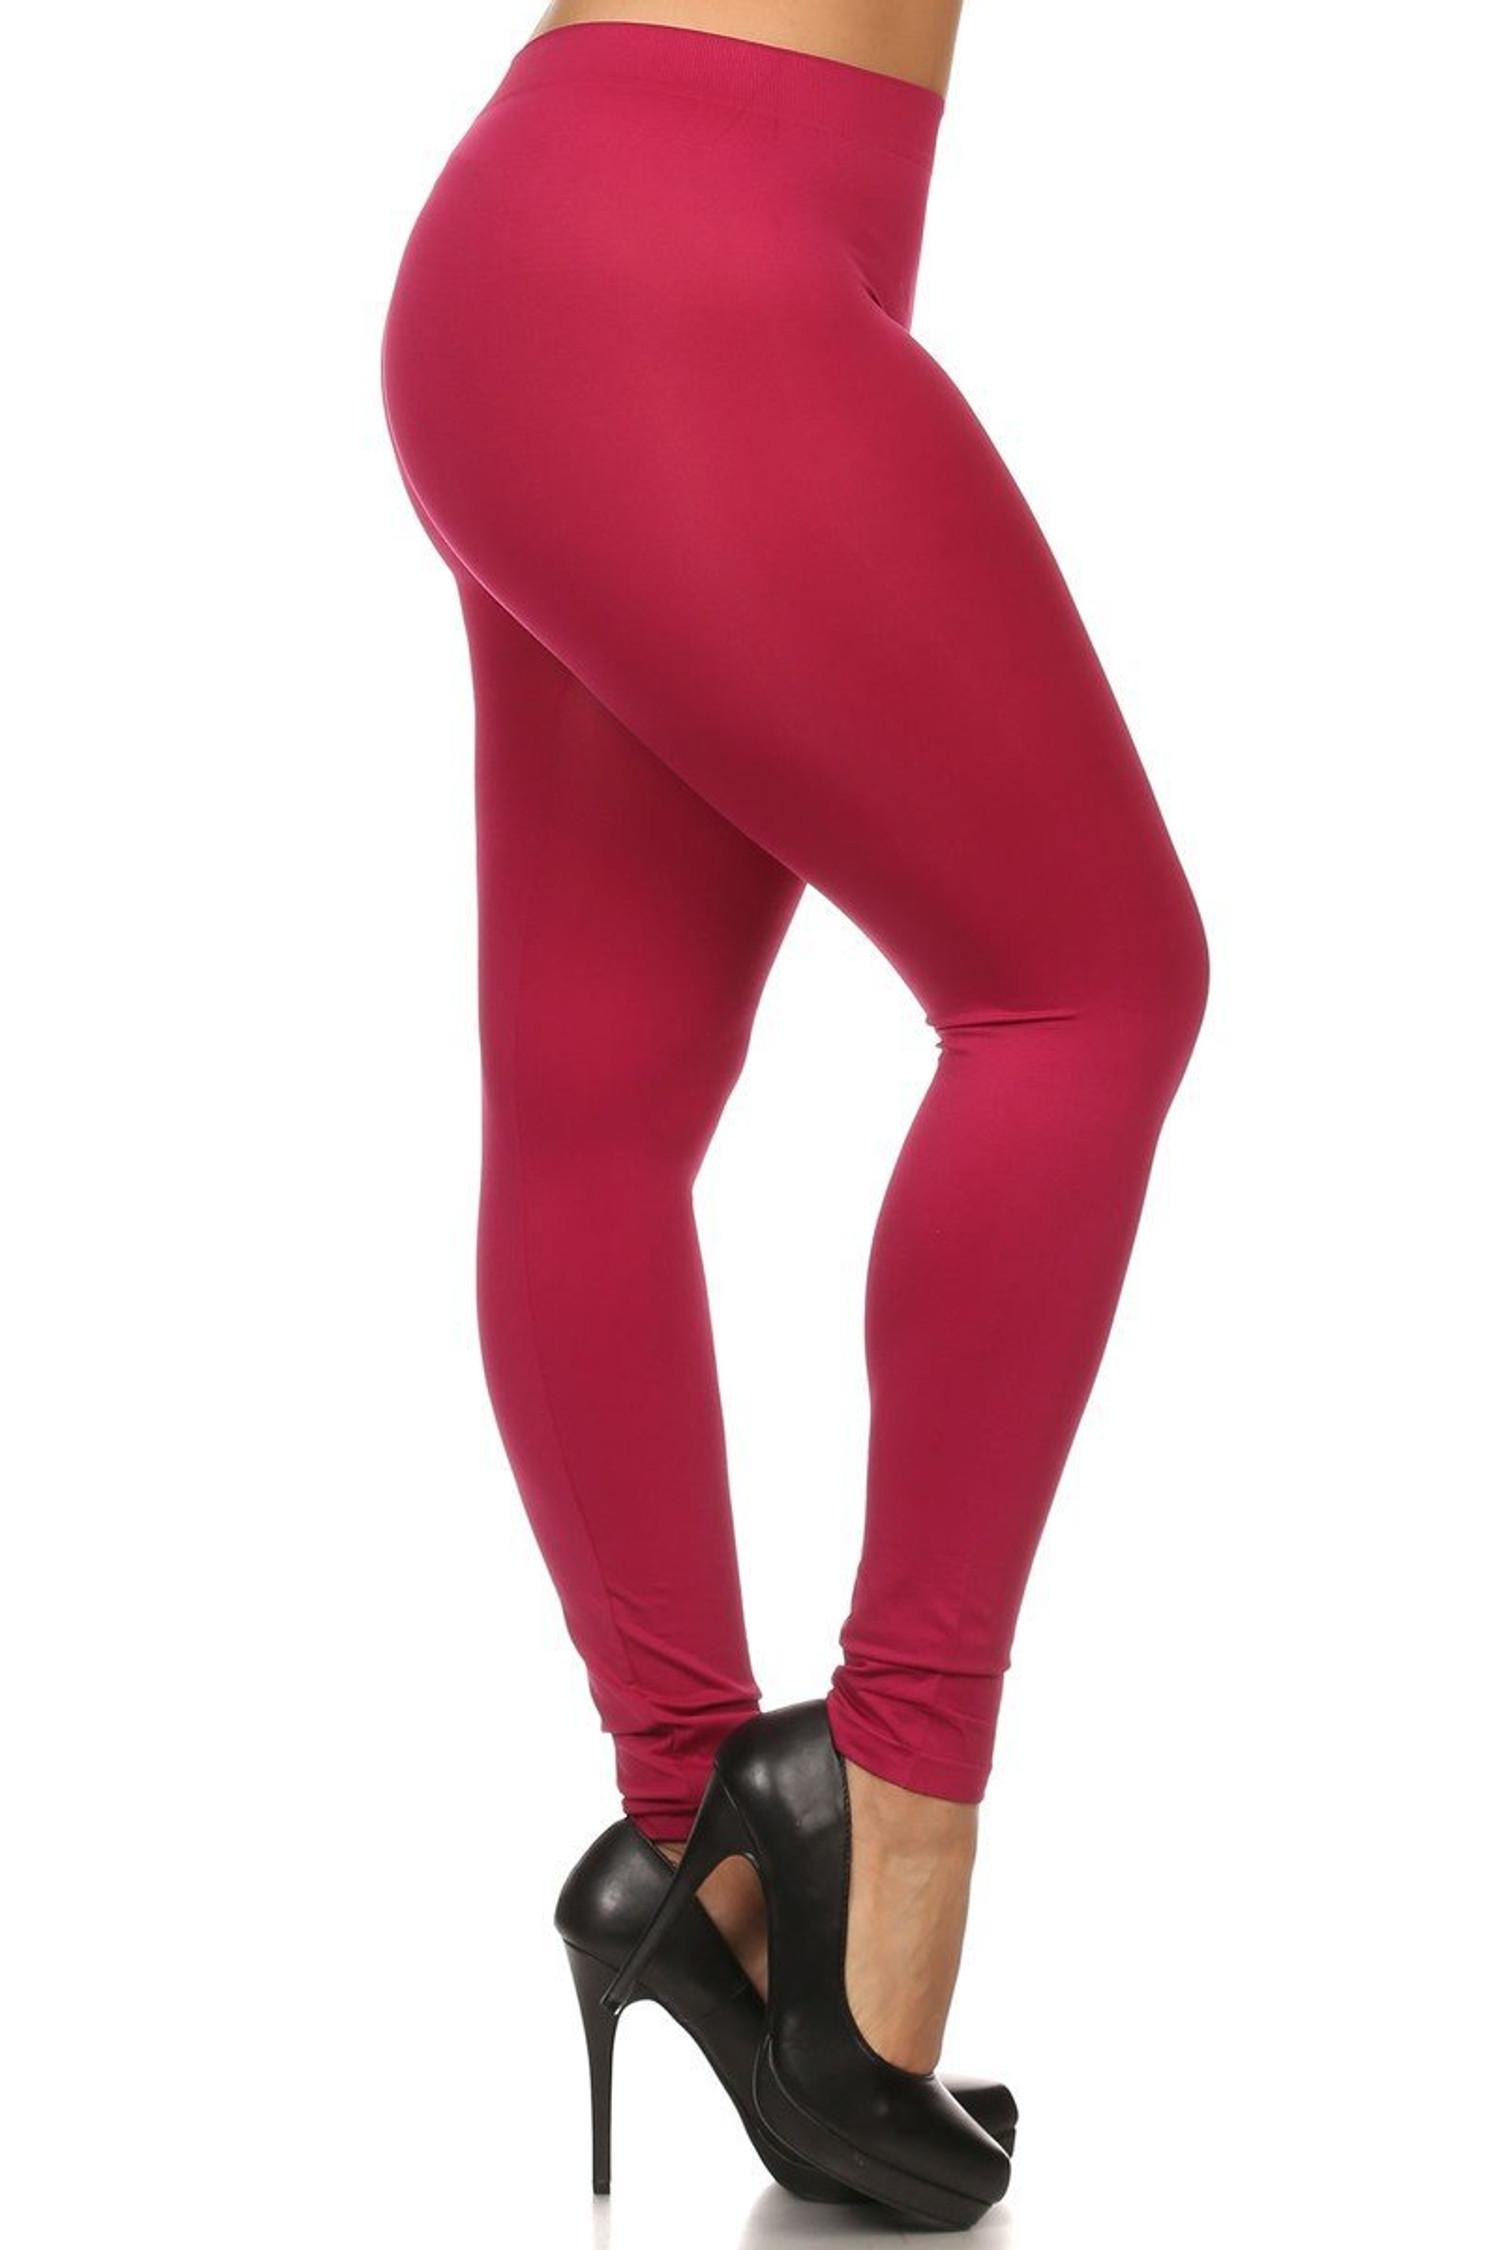 Burgundy Full Length Nylon Spandex Leggings - Plus Size